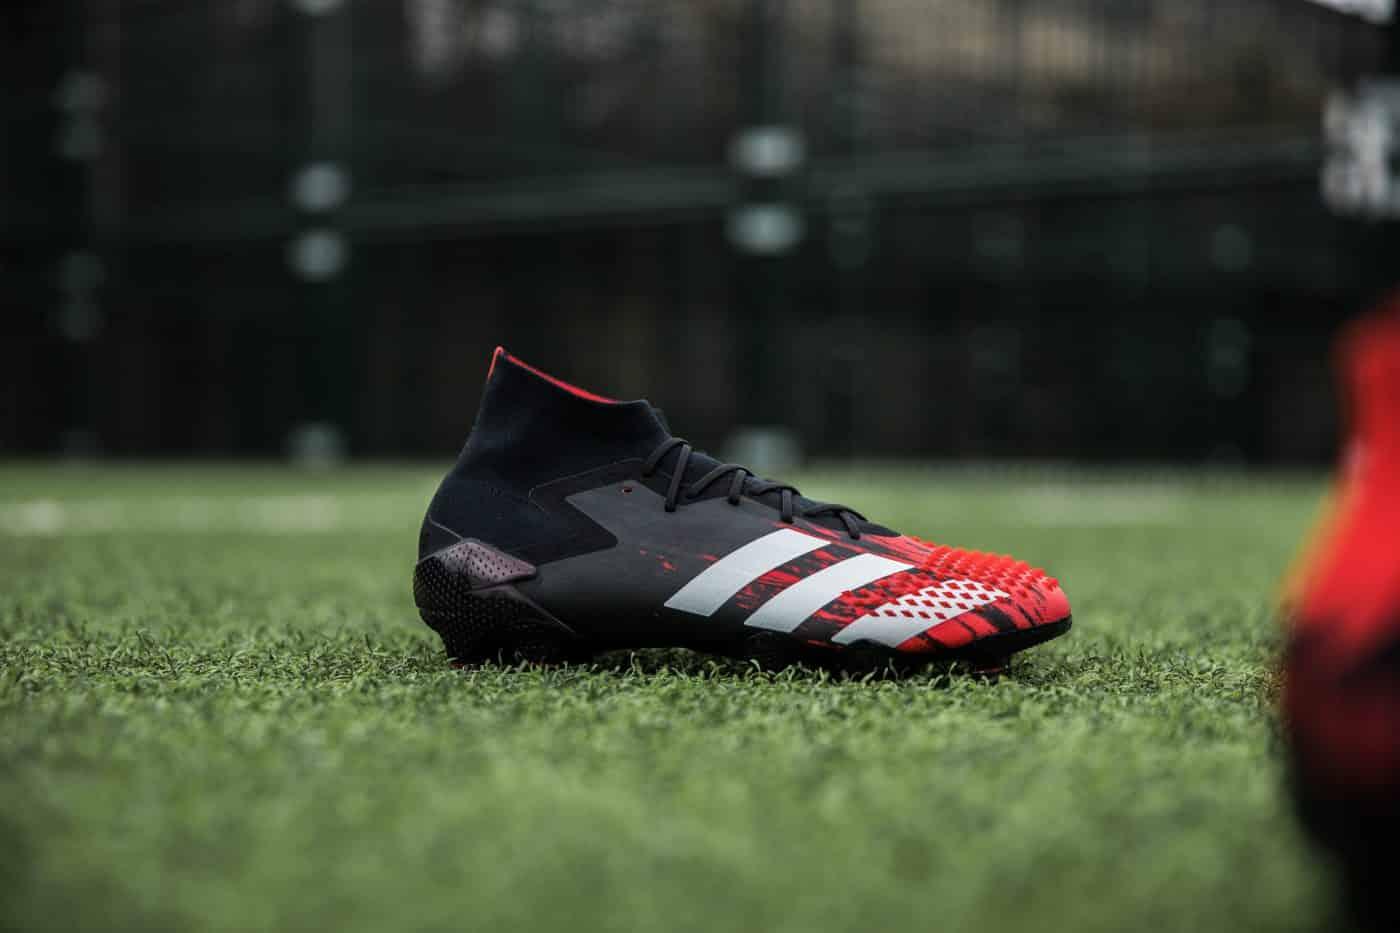 adidas-predator-20.1-gamme-footpack